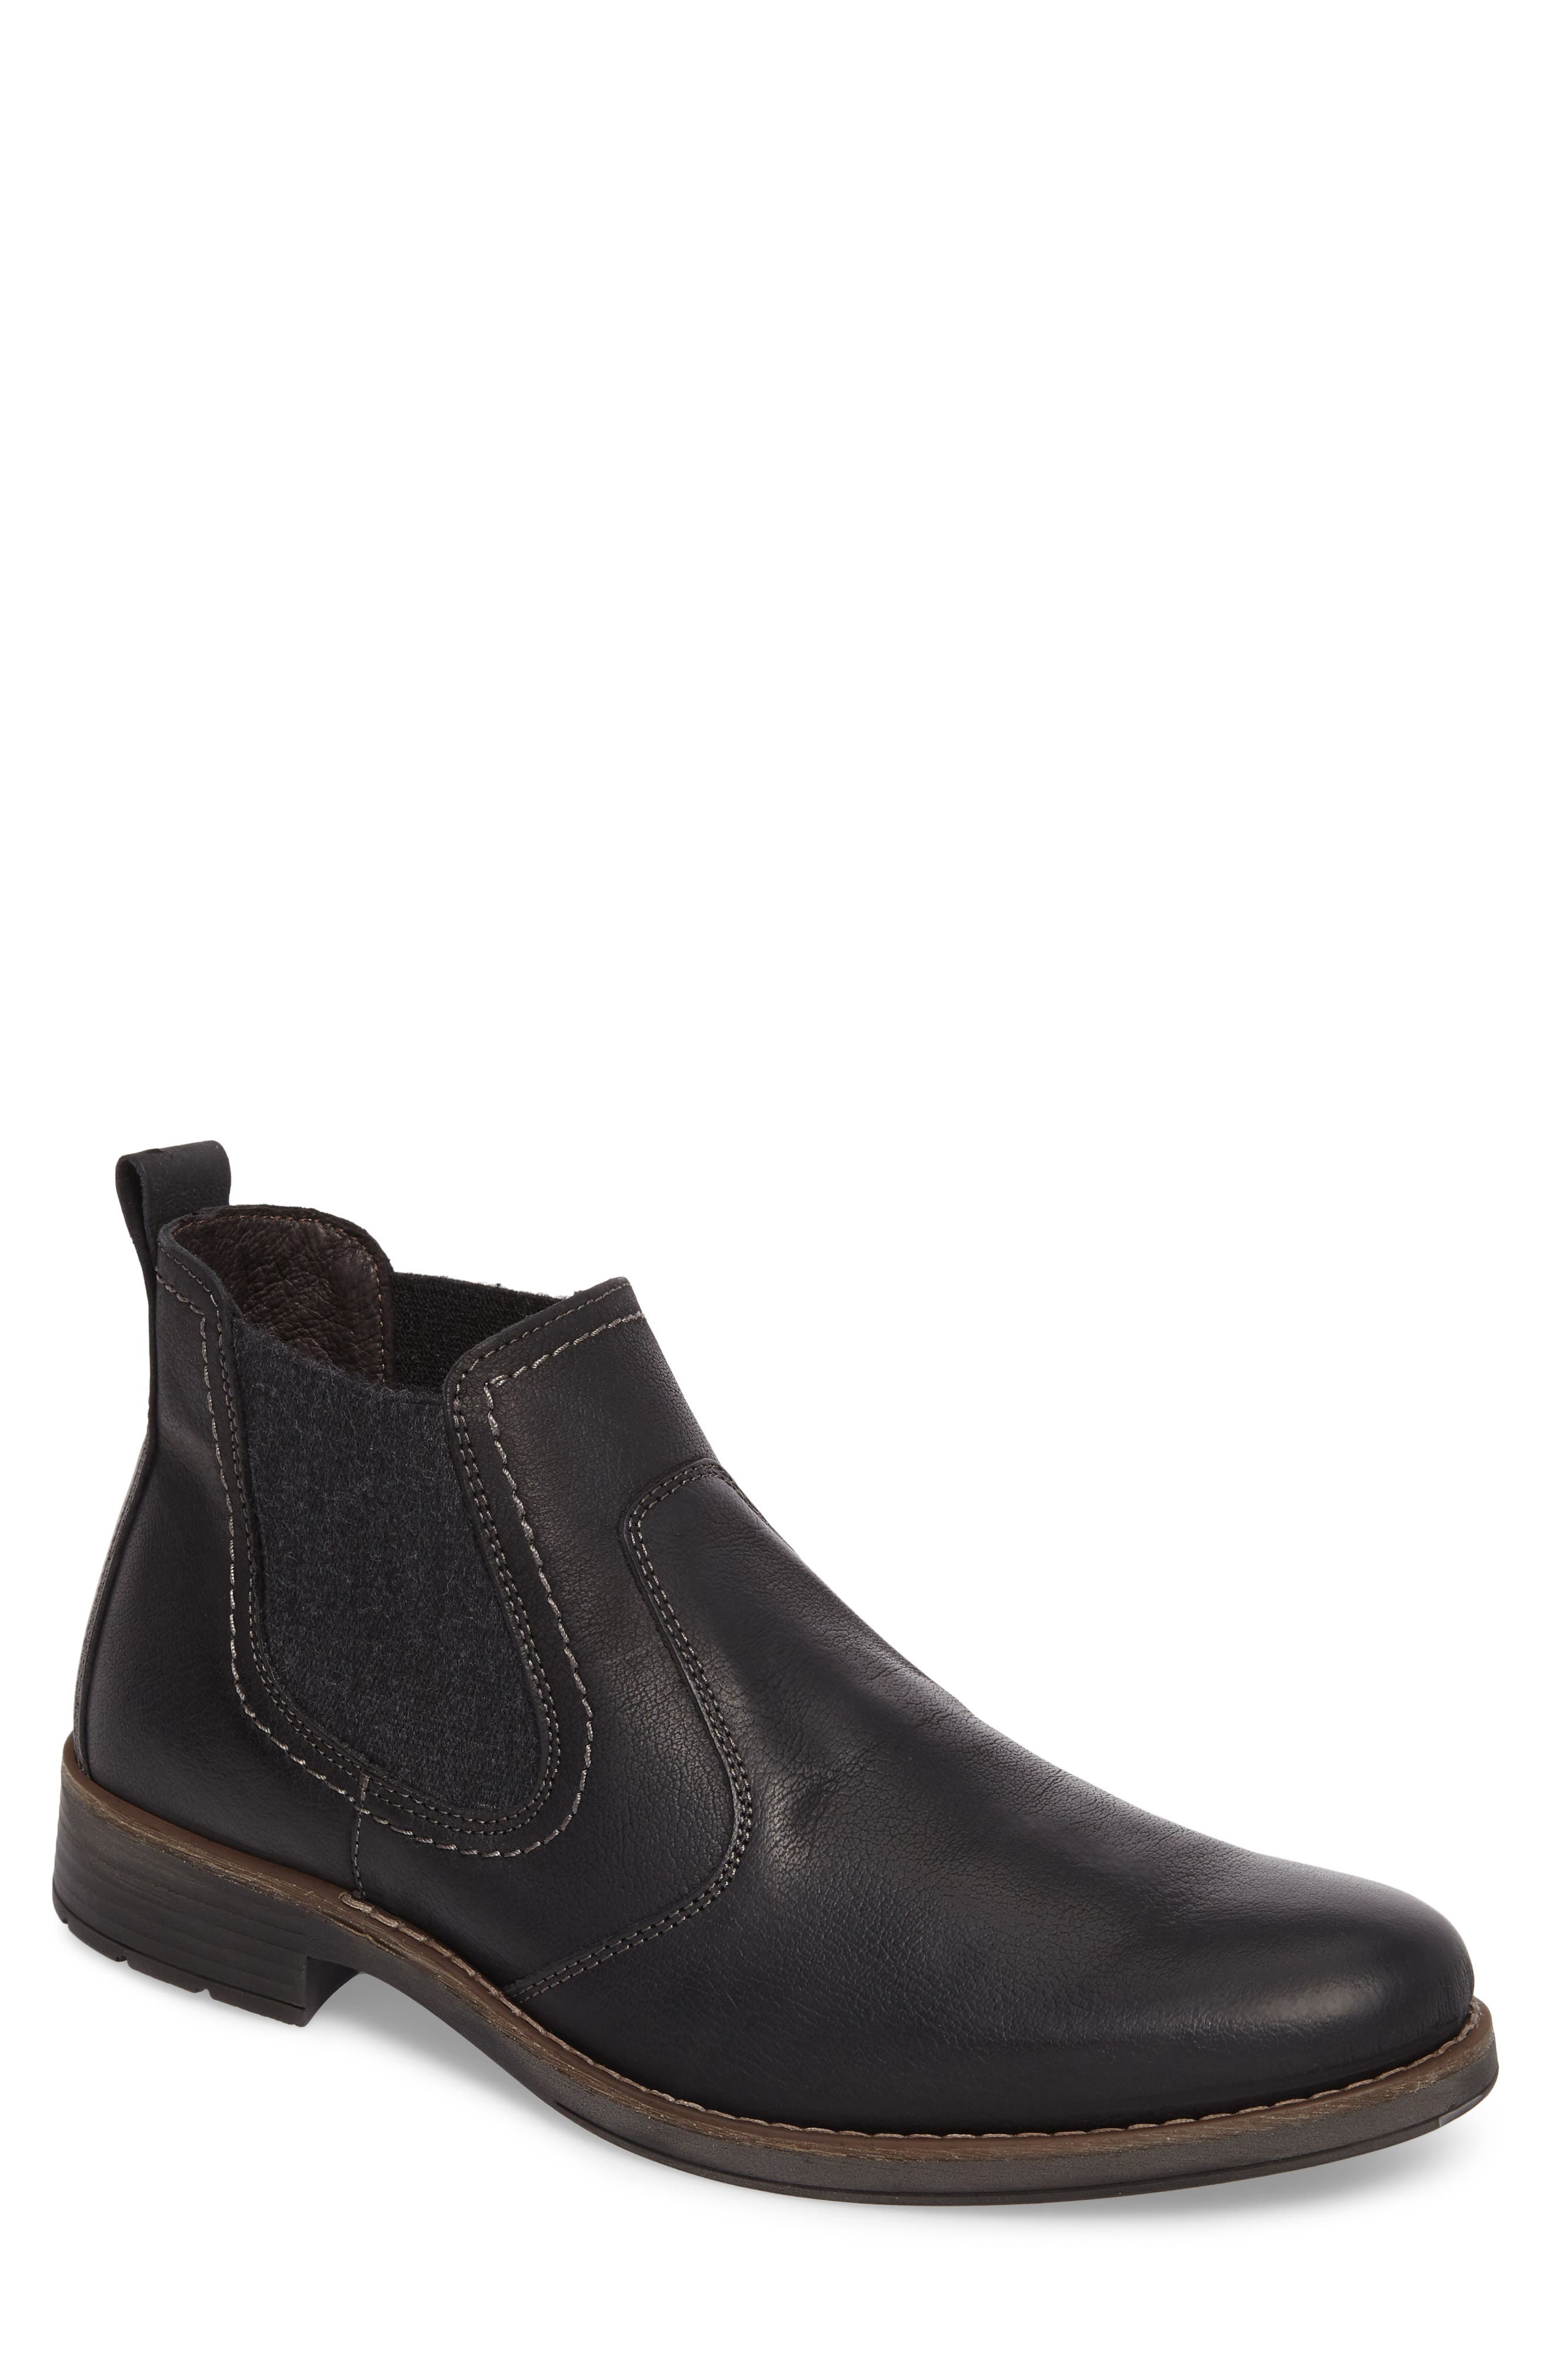 Spokane Chelsea Boot,                             Main thumbnail 1, color,                             Black Leather